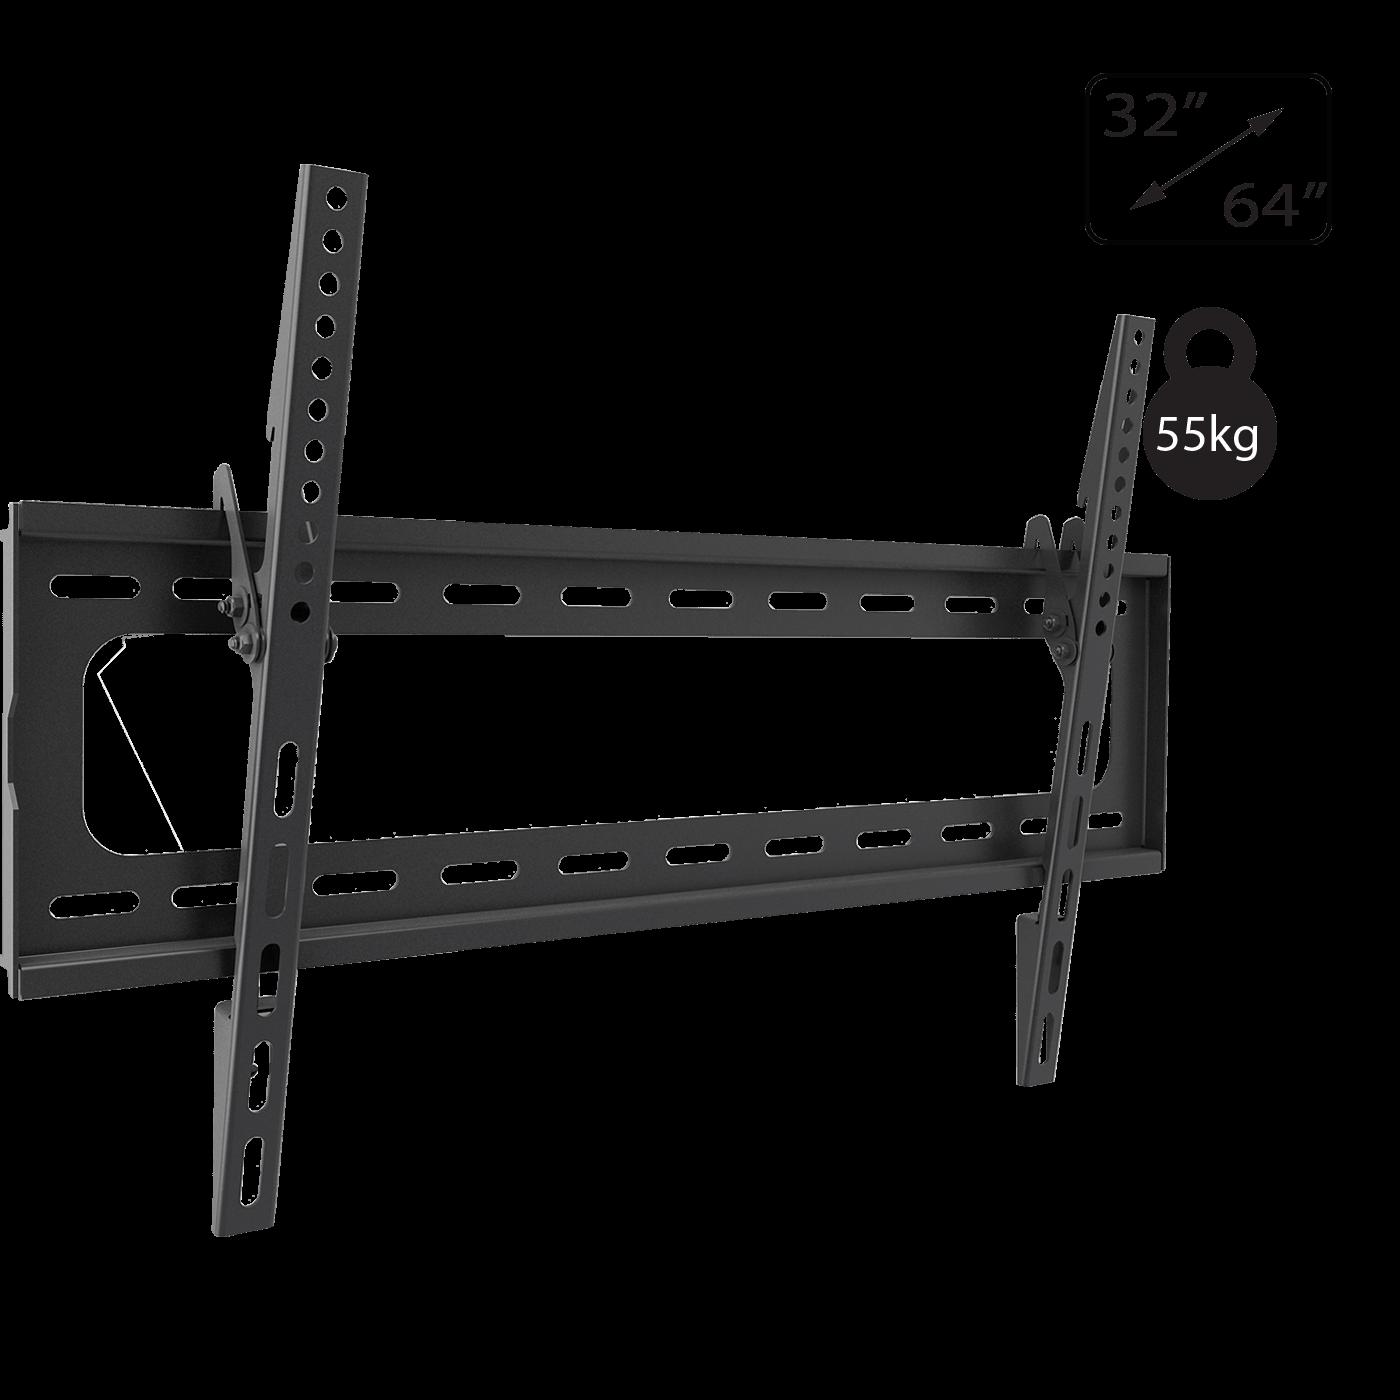 Wallmaster 32-64 Tilt